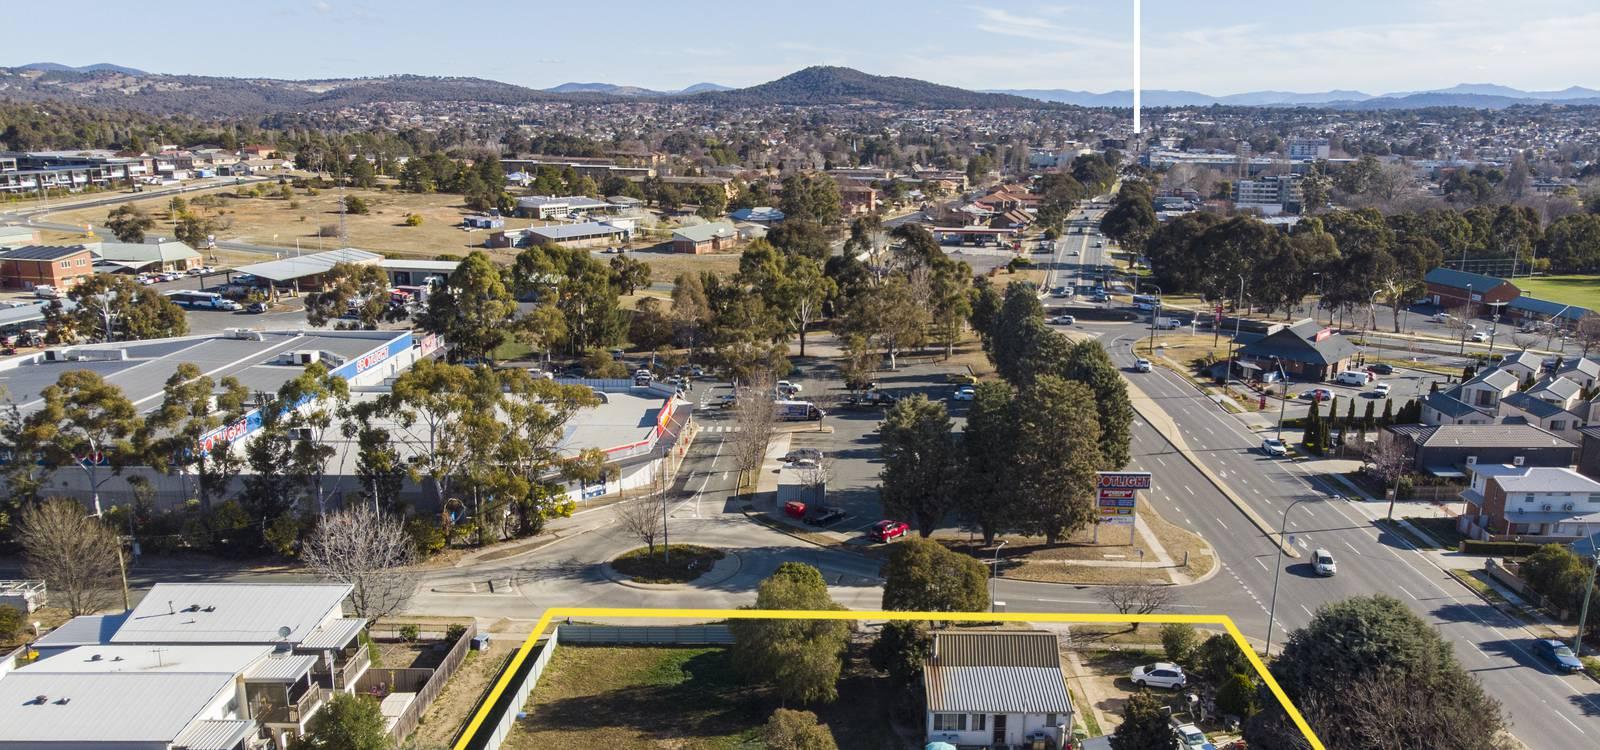 18 Bungendore Road QUEANBEYAN EAST, NSW 2620 - photo 1